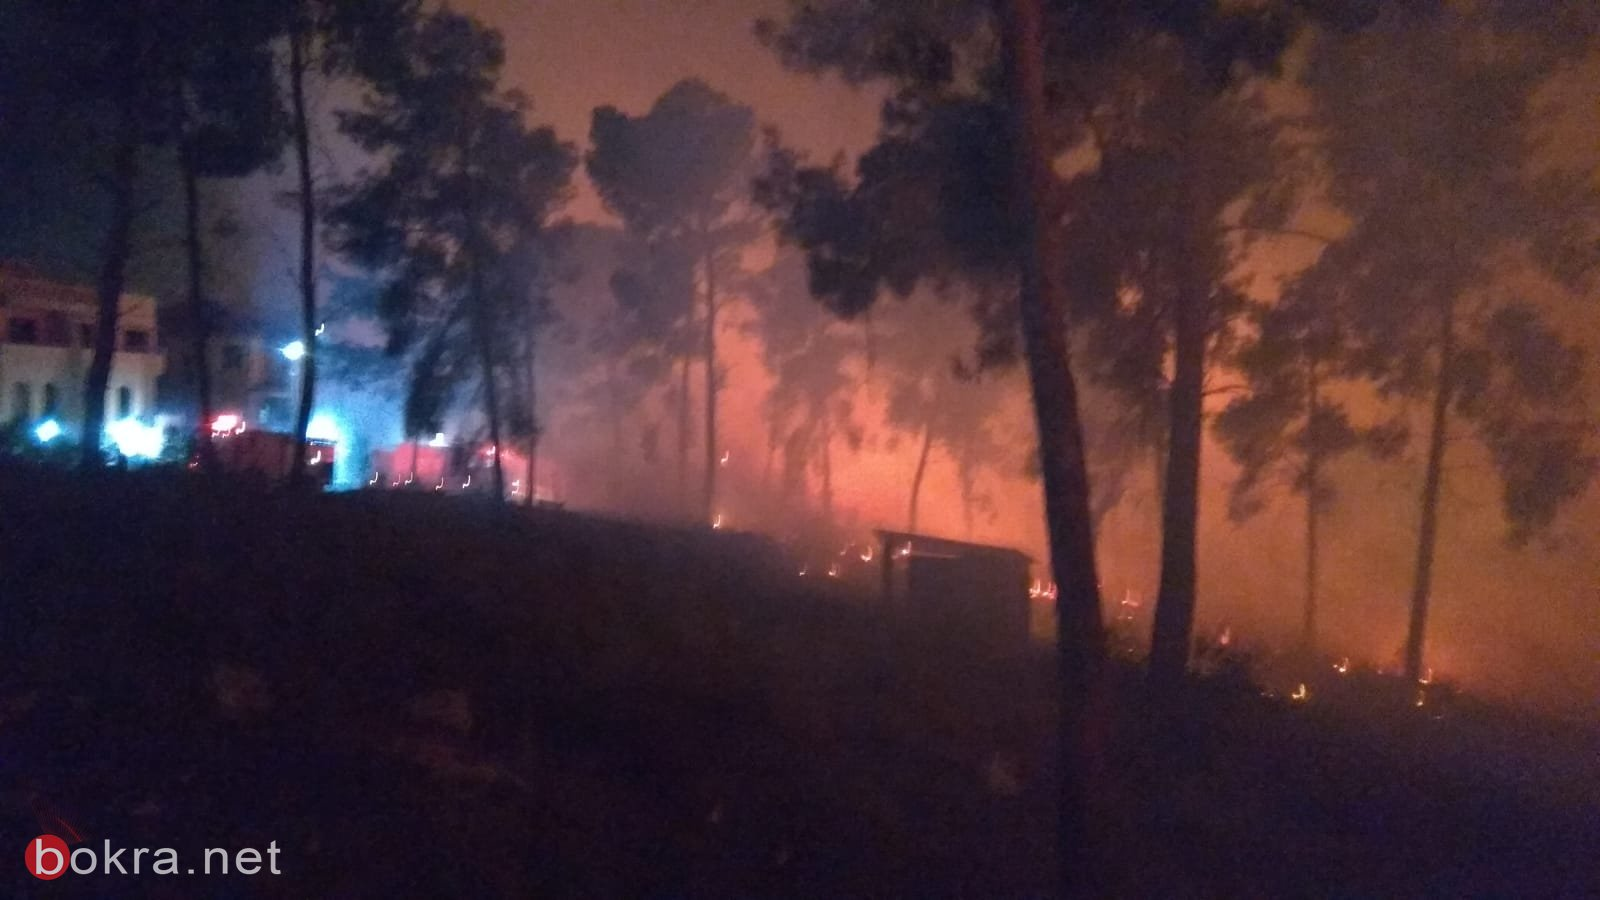 حريق هائل في الأحراش المجاورة للدحي واخلاء منازل-3